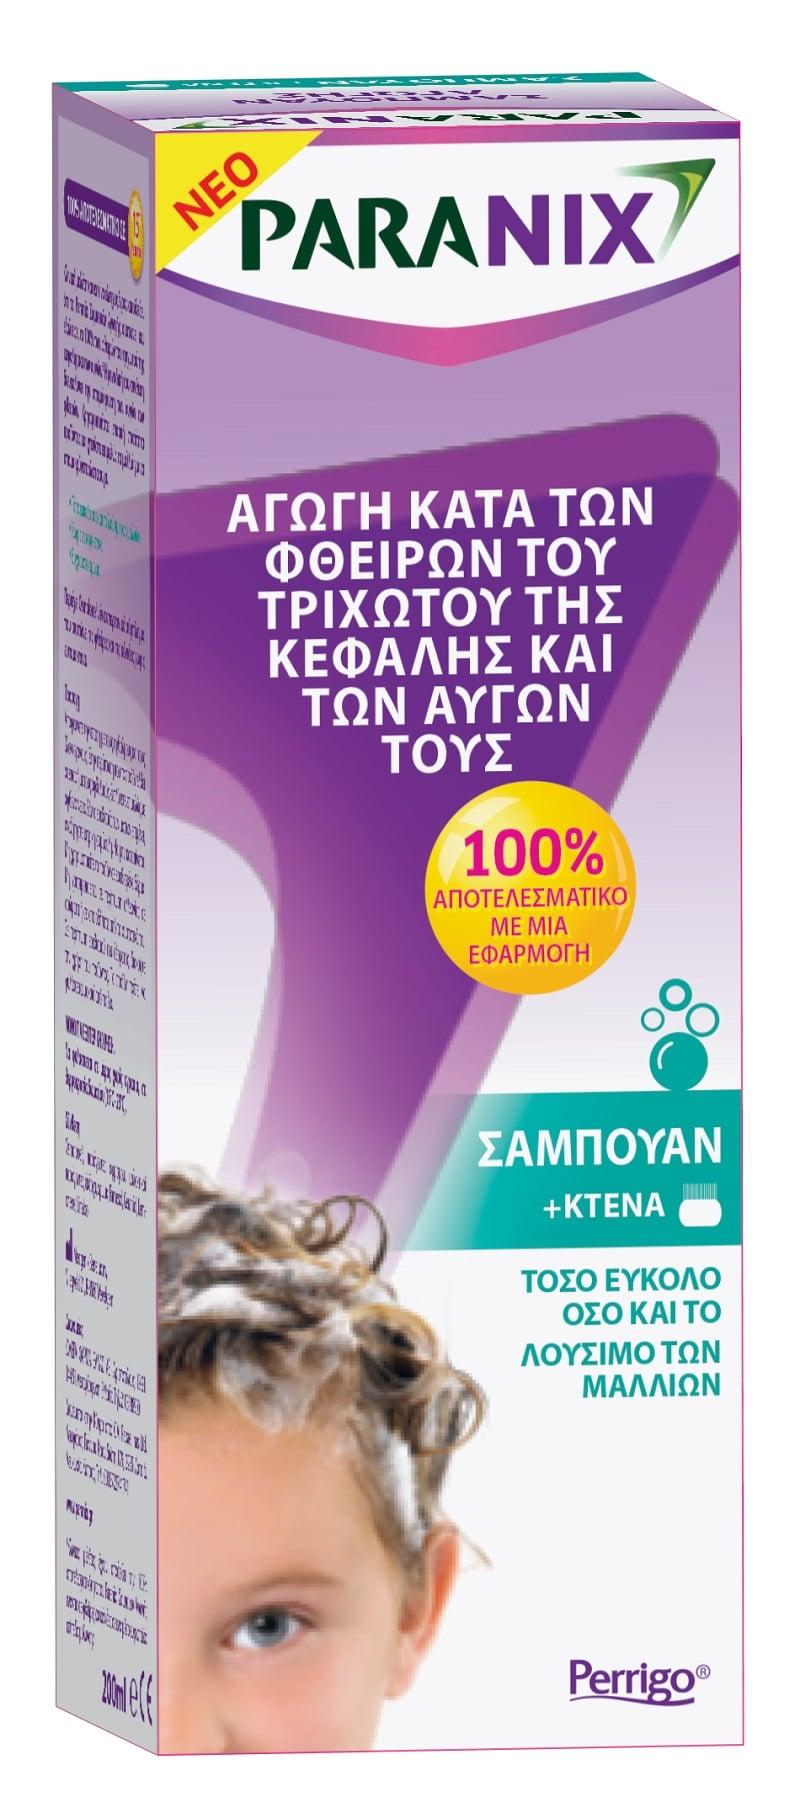 Paranix Shampoo Σαμπουάν Aγωγή που εξαλείφει Ψείρες & Κόνιδες, Κατάλληλο από 2 ετών, 200ml